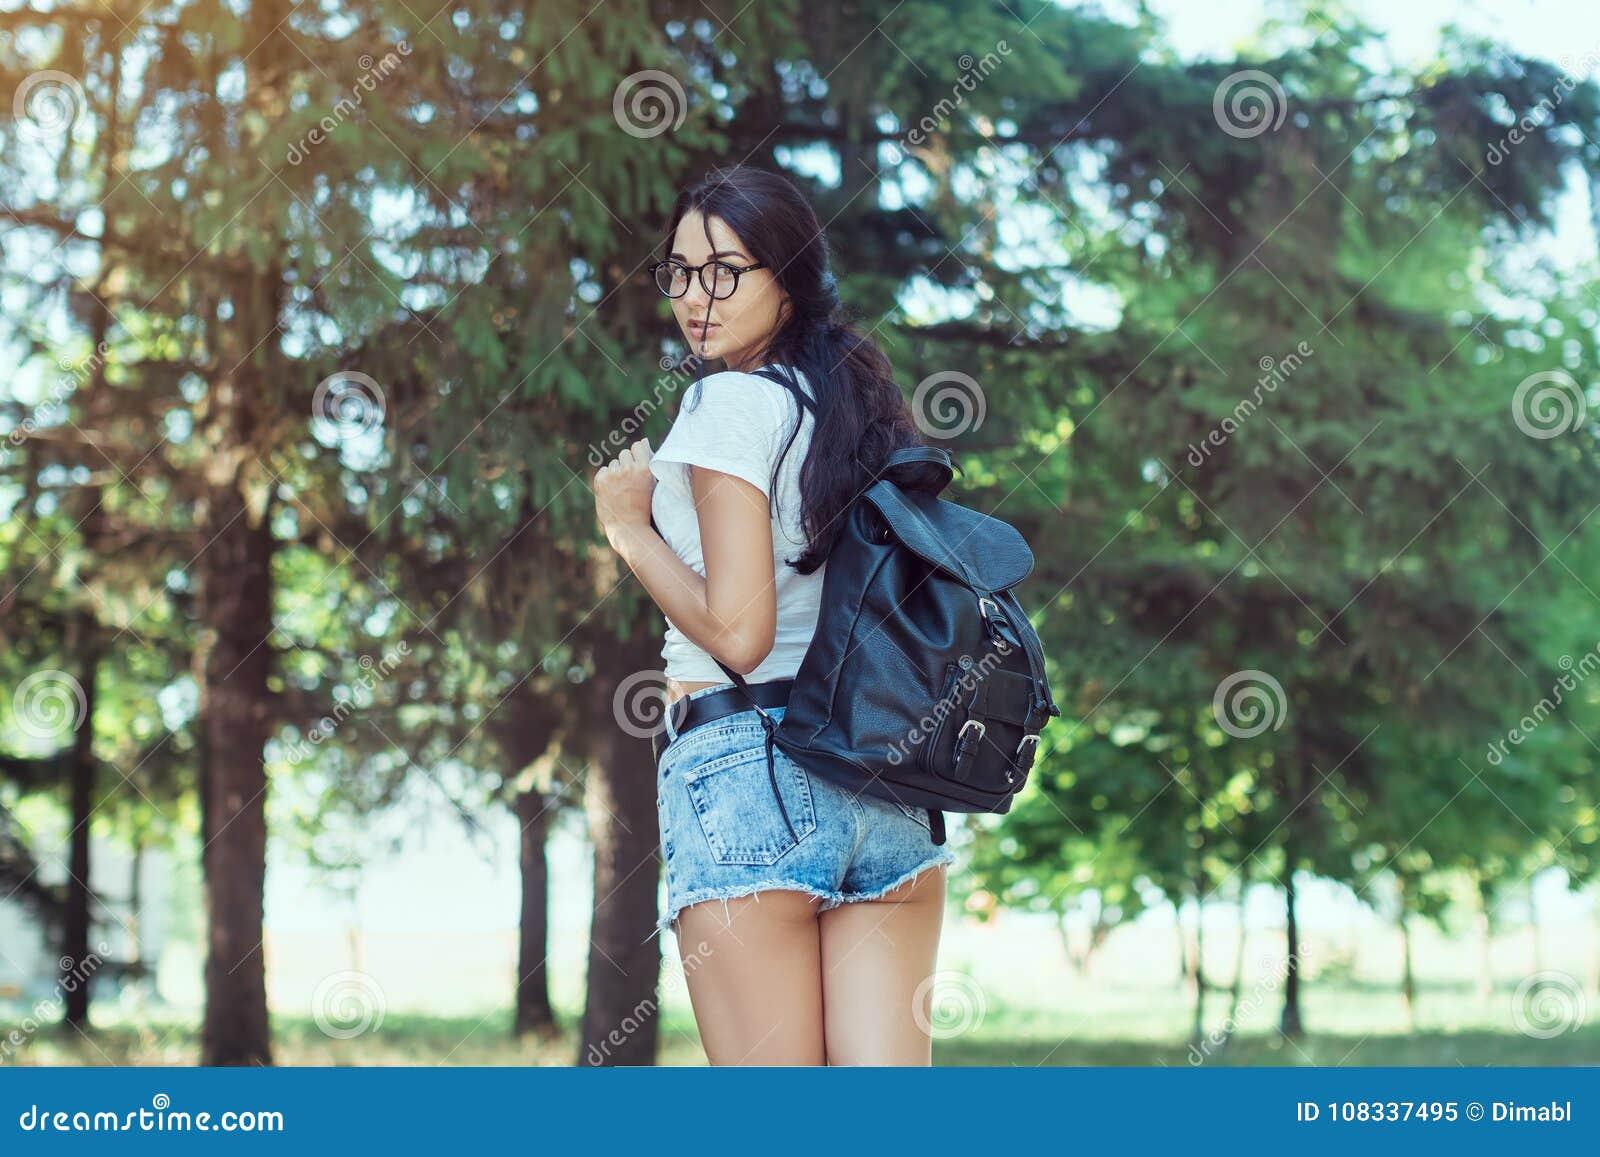 Reisender der jungen Frau mit dem Rucksack, der allein im Waldhippie-Mädchen im sonnigen Holz steht